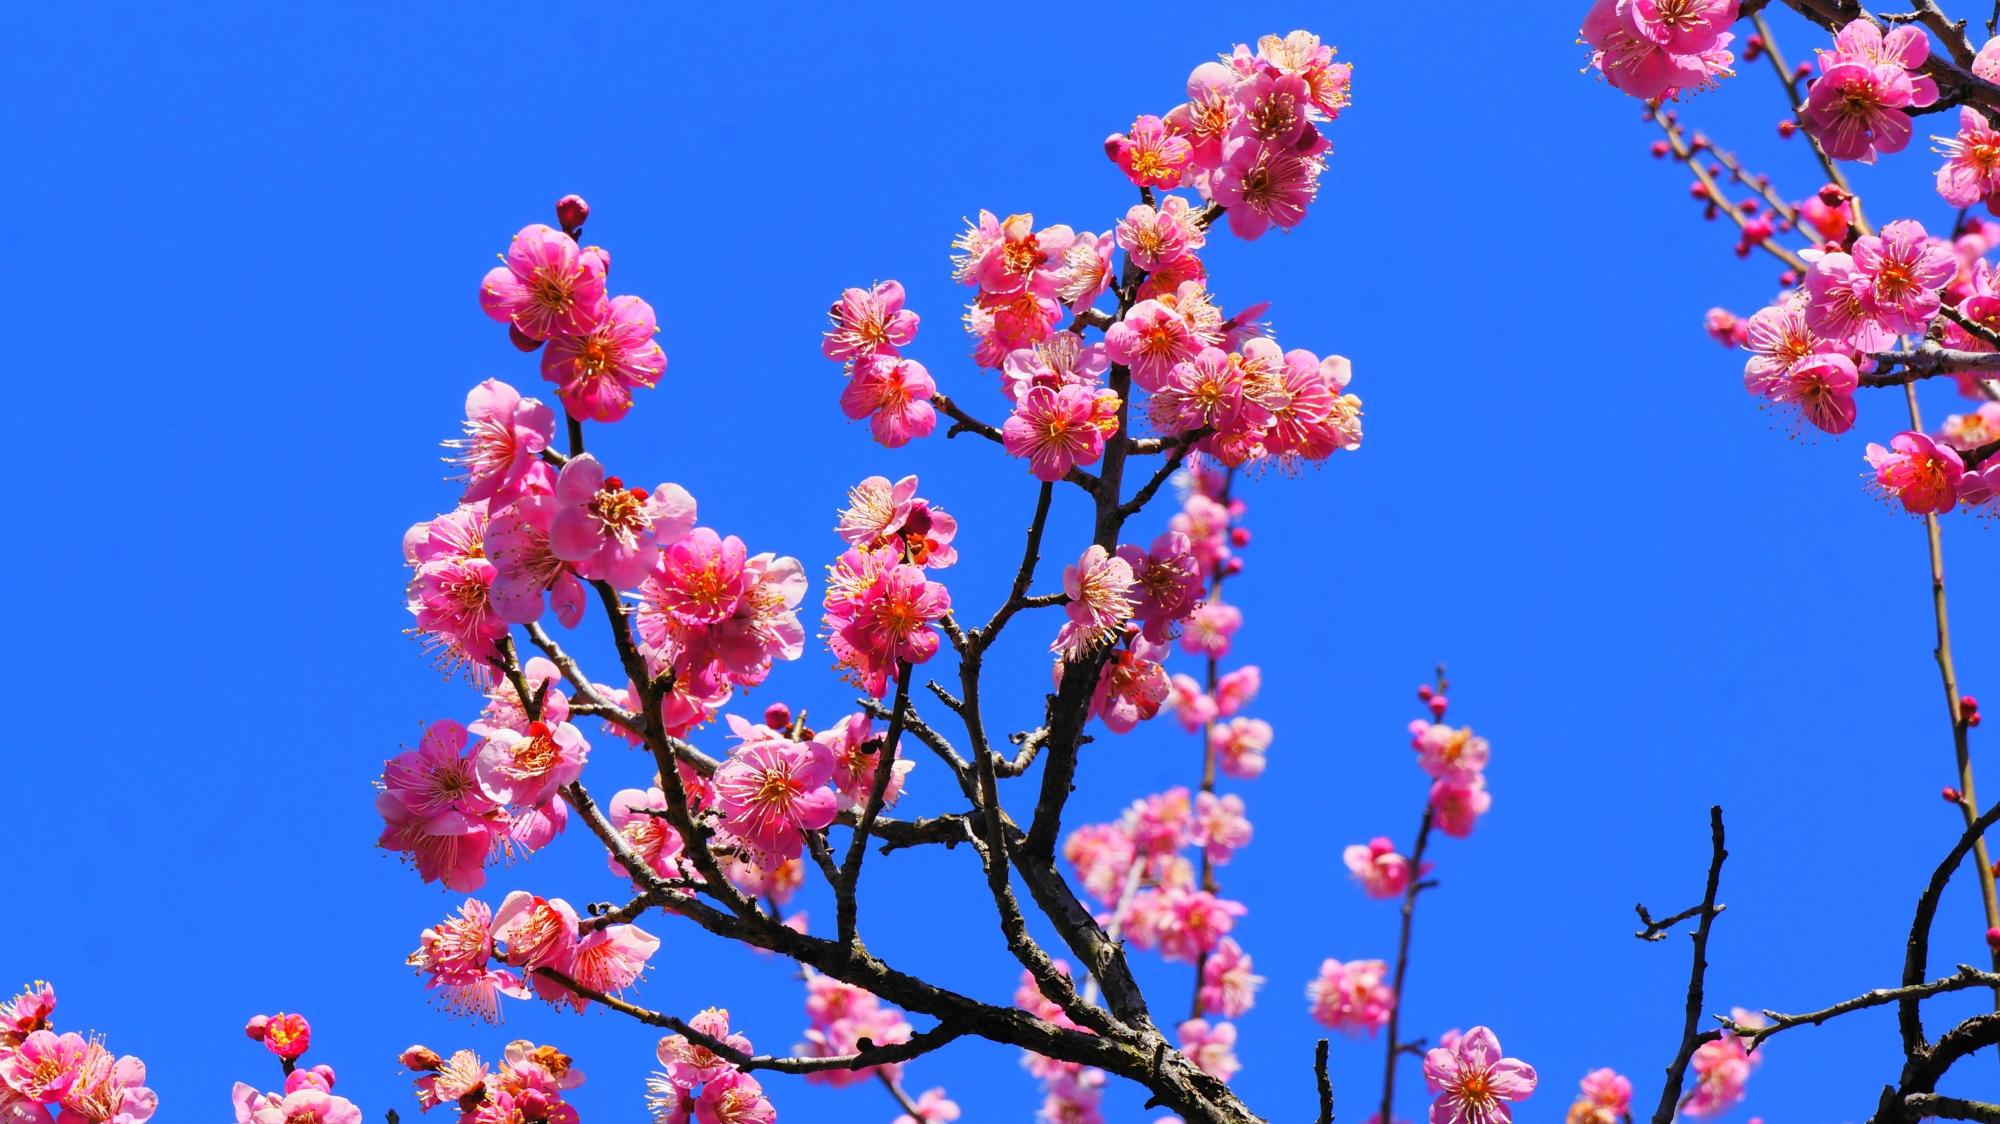 梅を引き立てる素晴らしい青空